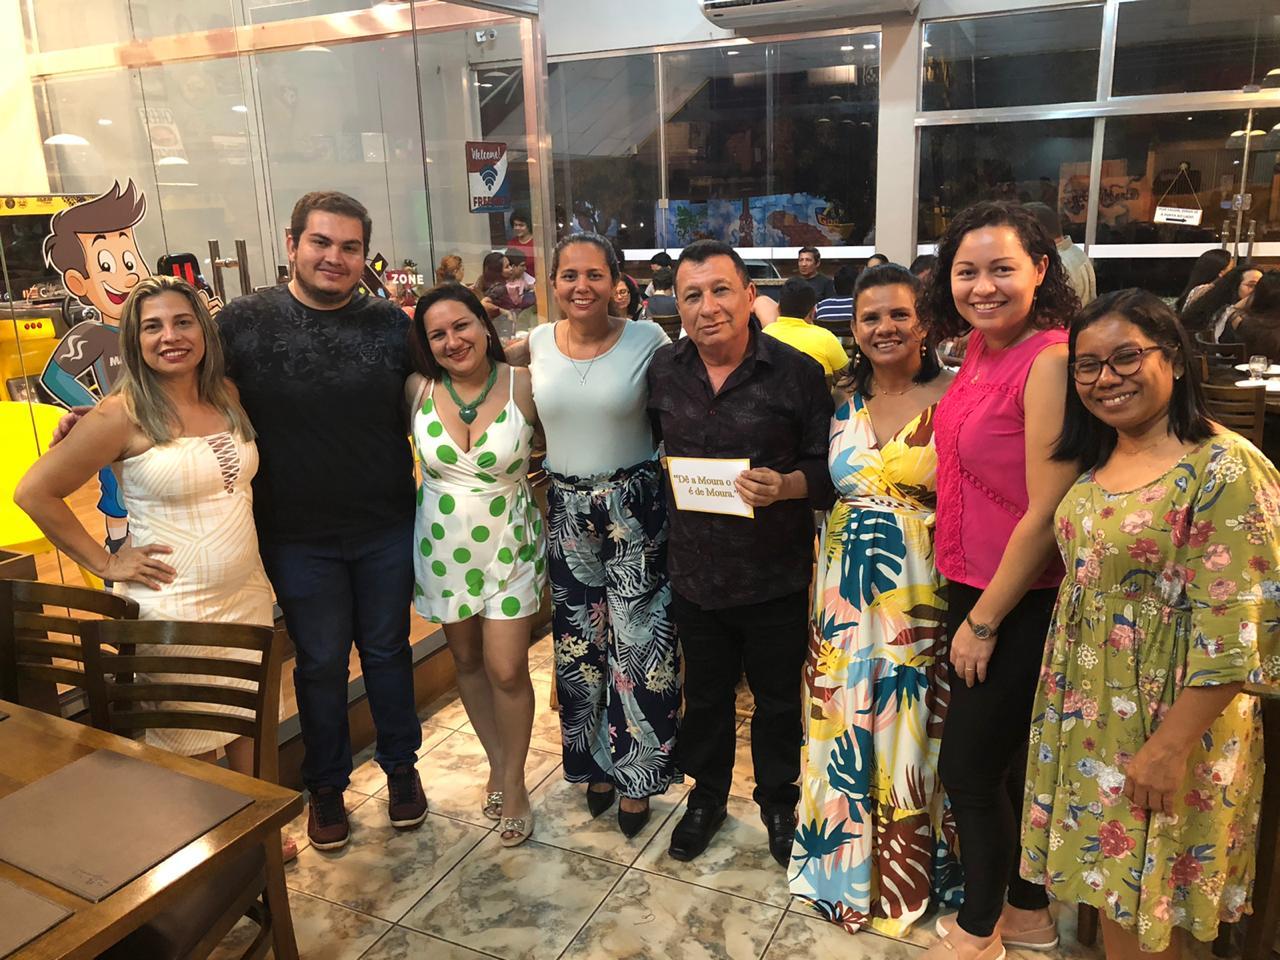 Professor com 42 anos de docência recebe homenagem de alunos em pizzaria